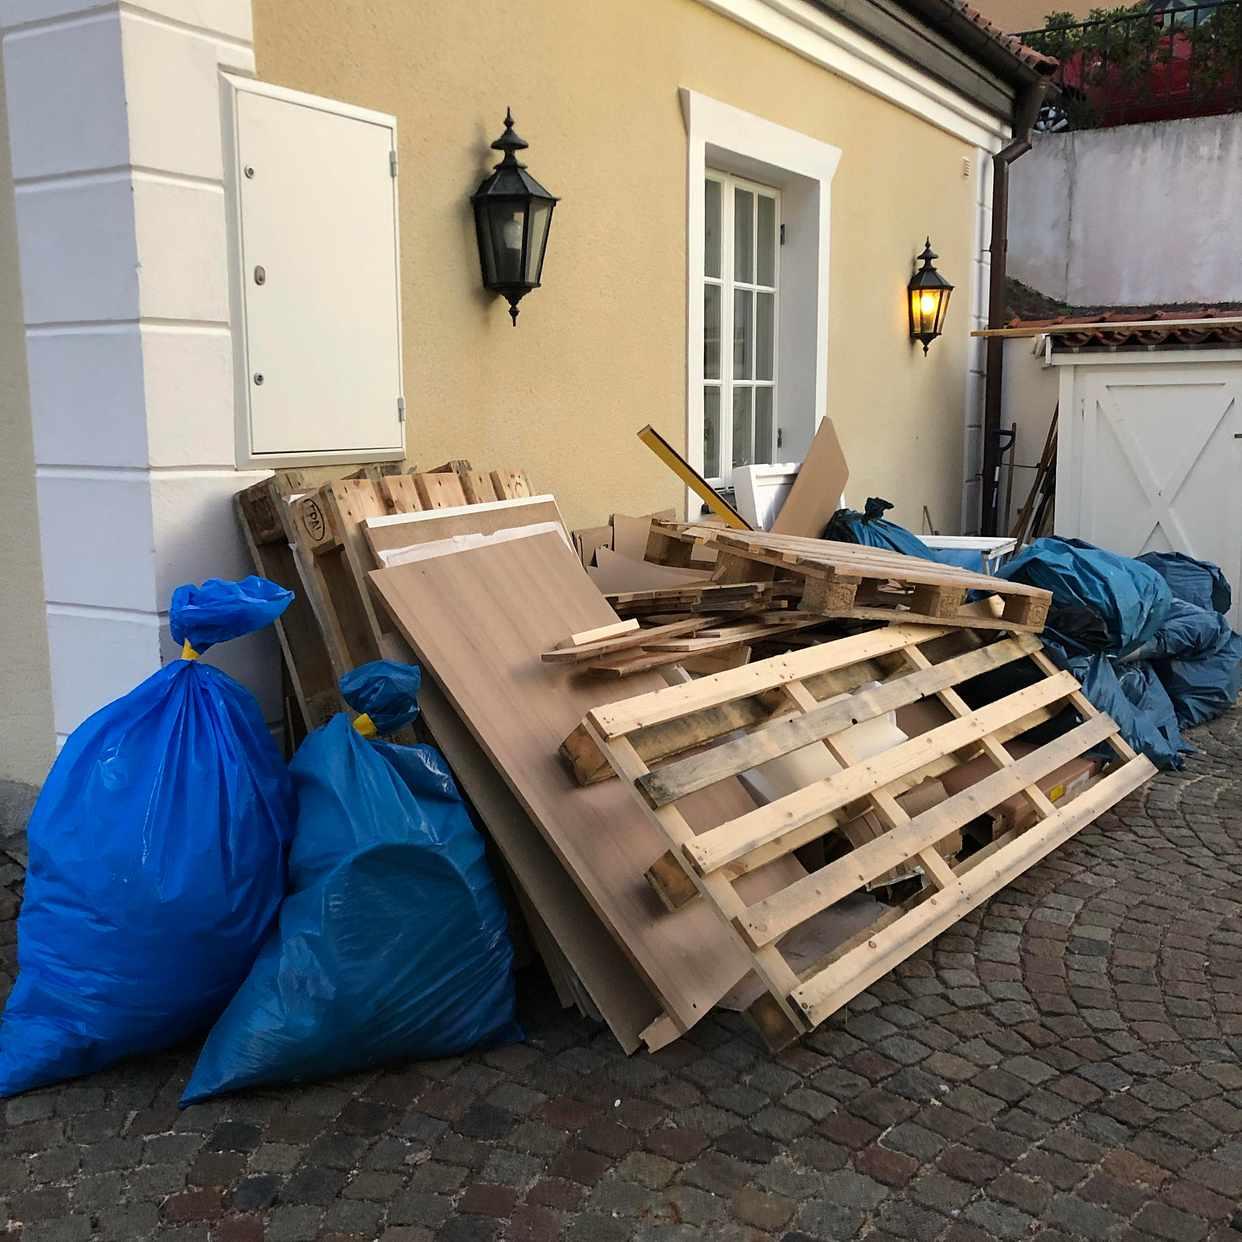 image of Emballage, säckarna - Hovås